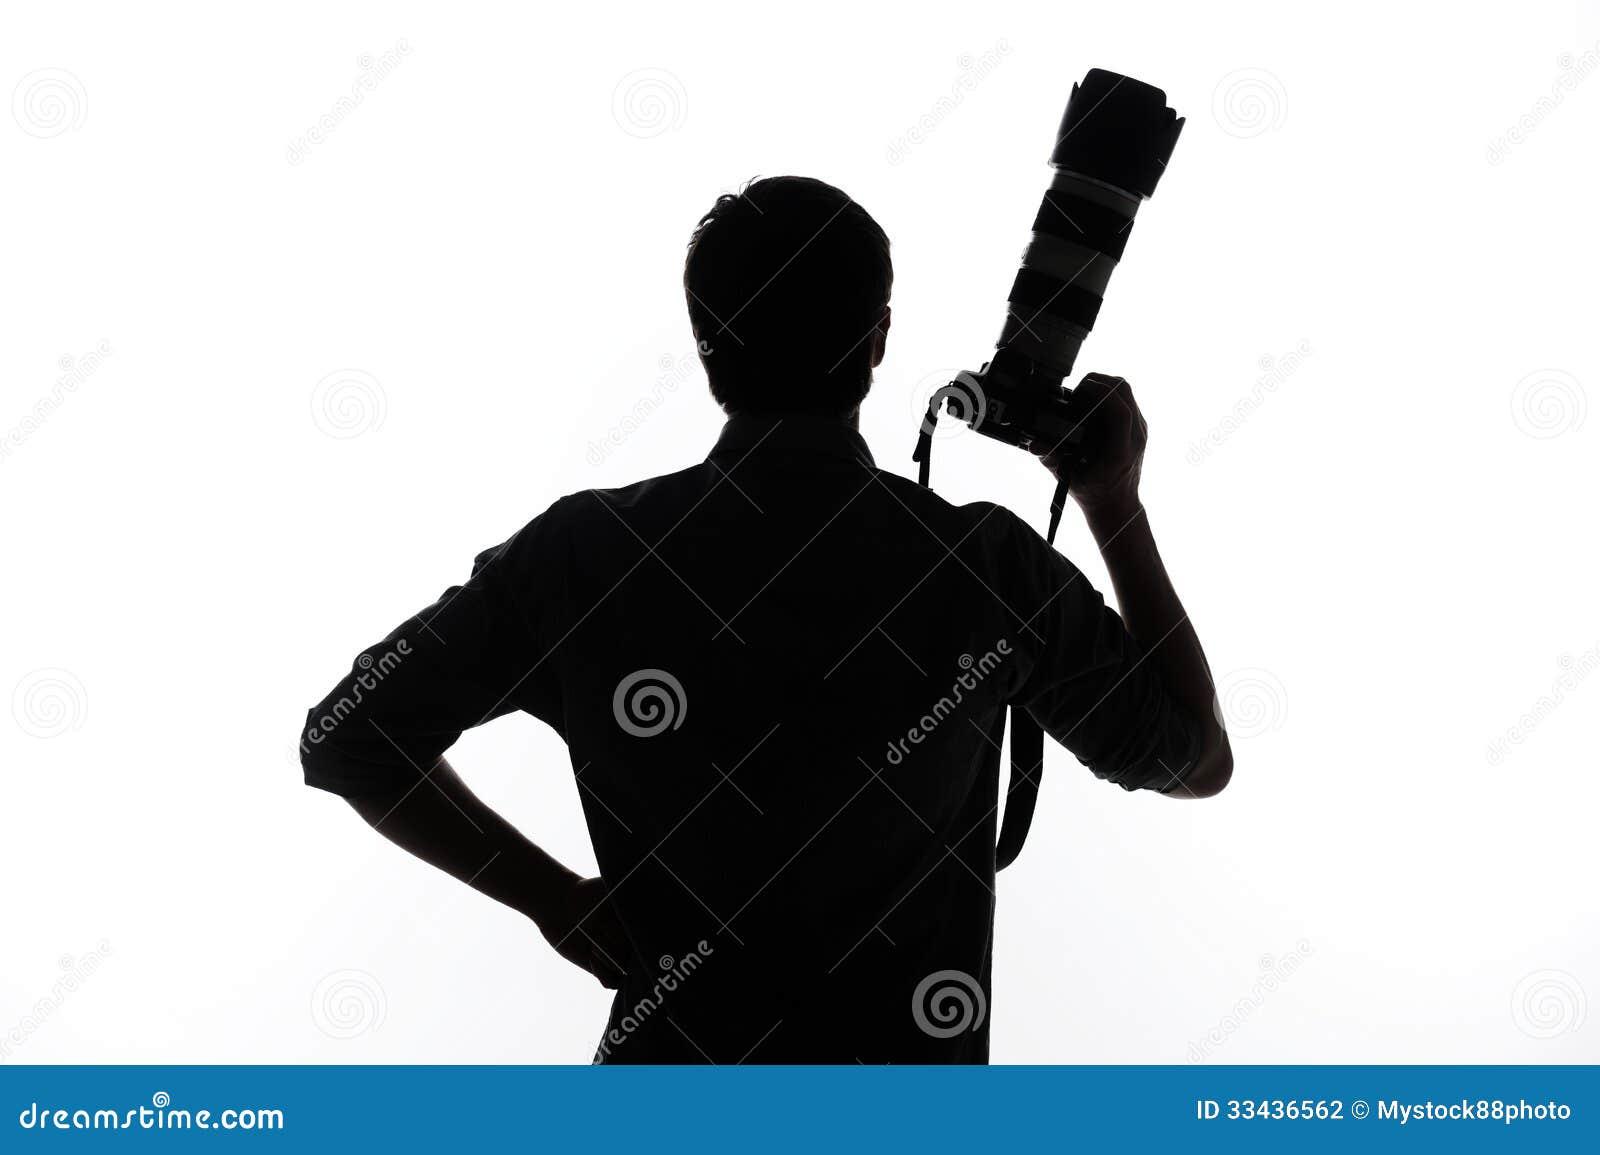 модели картинка мужчина с фотоаппаратом вектор борту